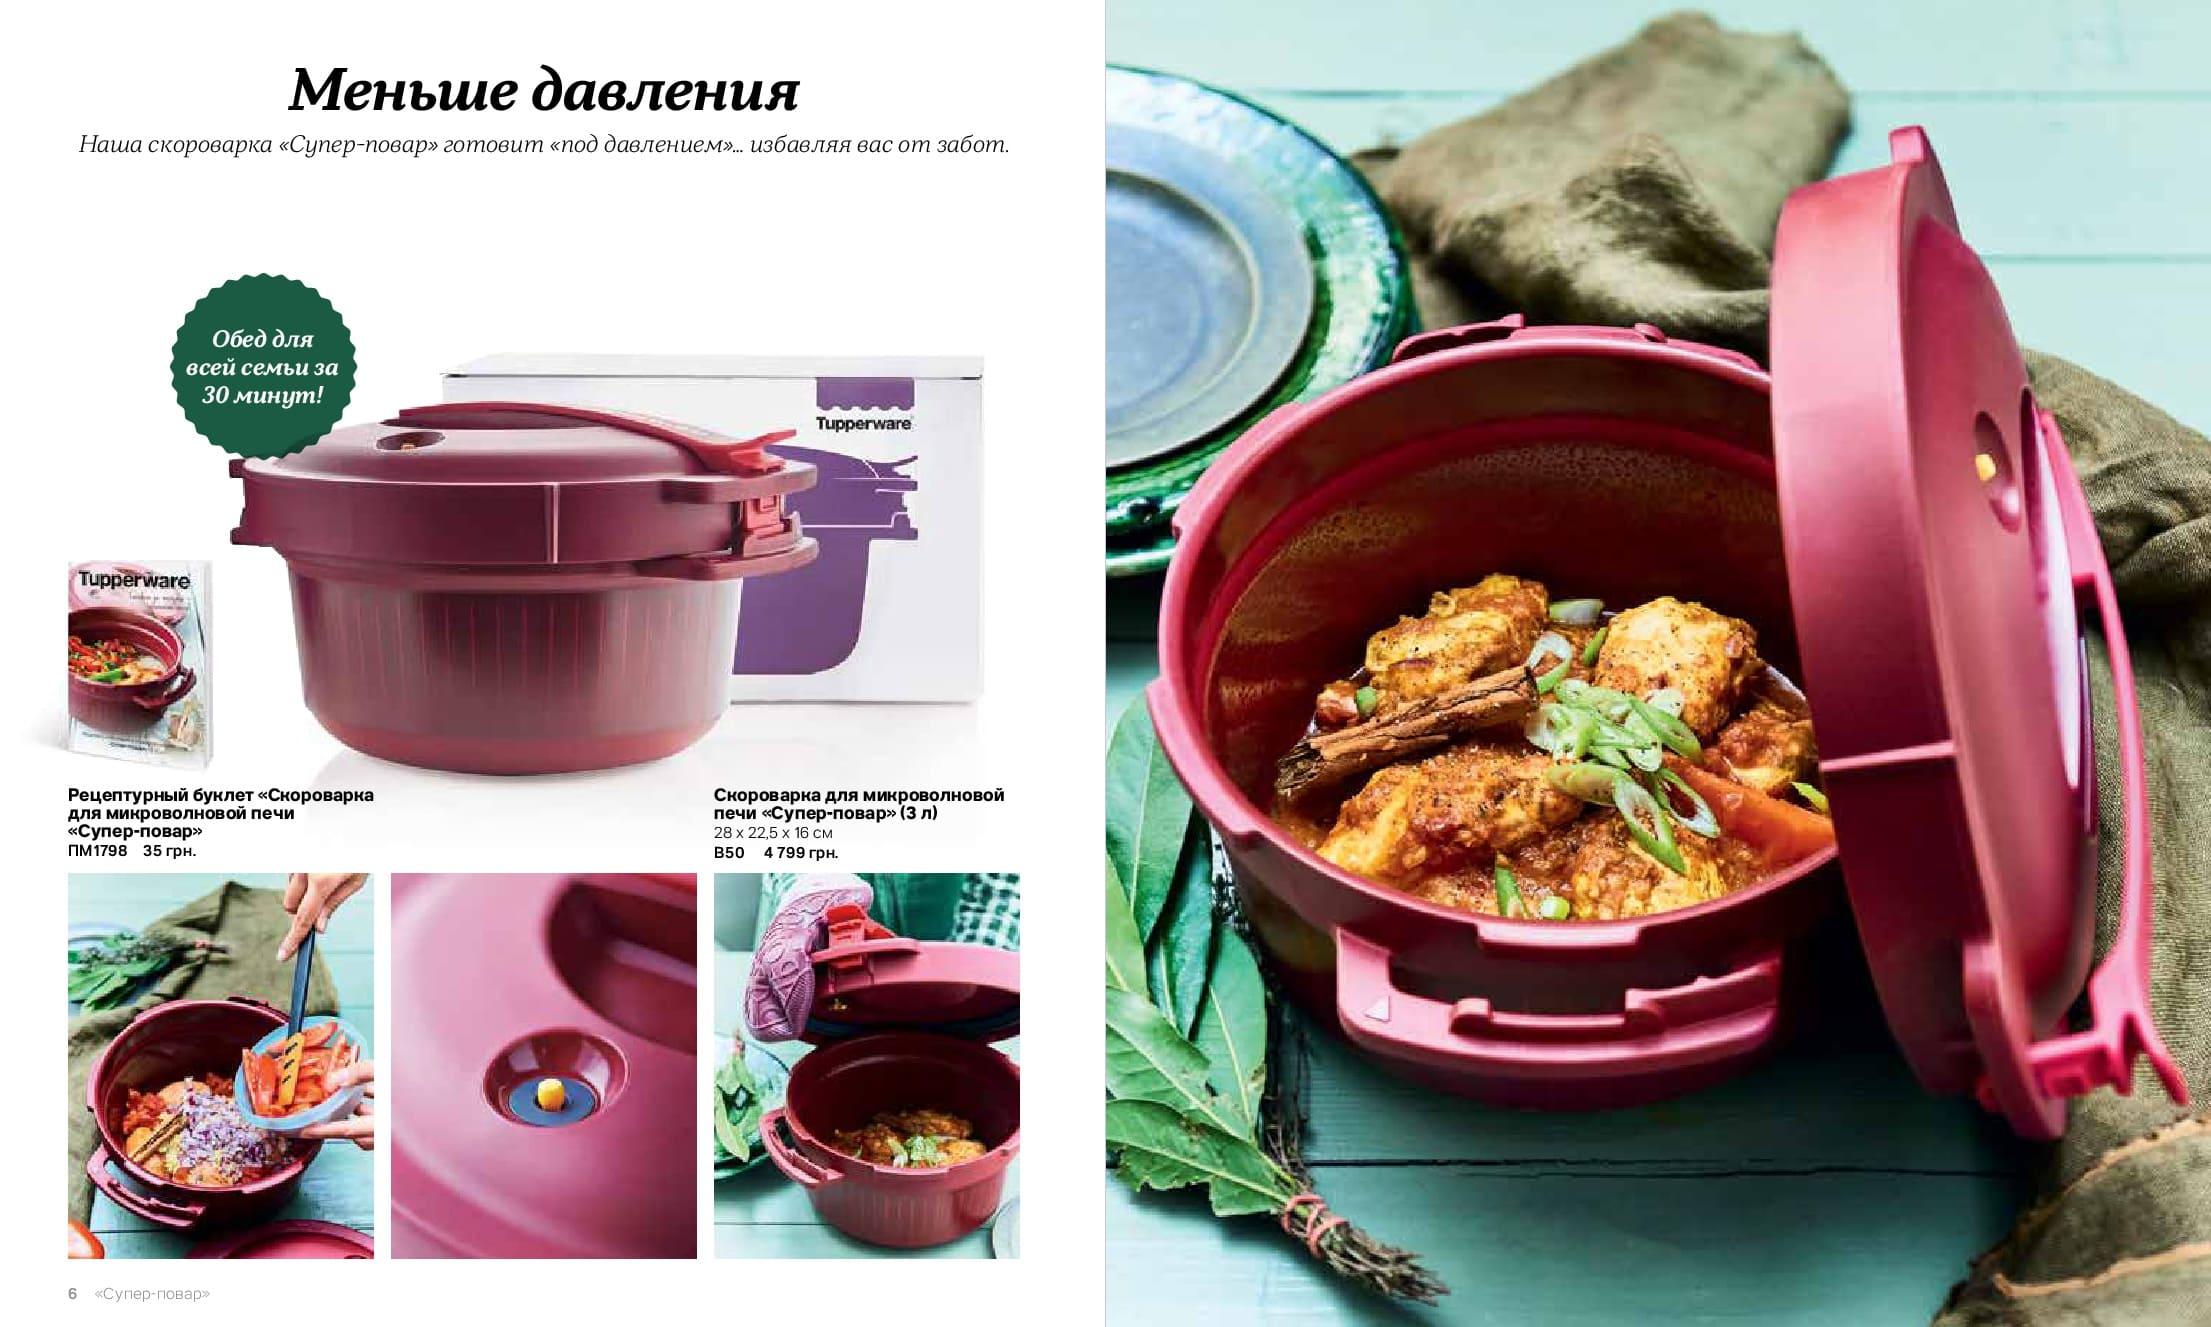 Скороварка для микроволновой печи ТапперКук, объемом 3 литра, это лёгкий и быстрый способ приготовления пищи.